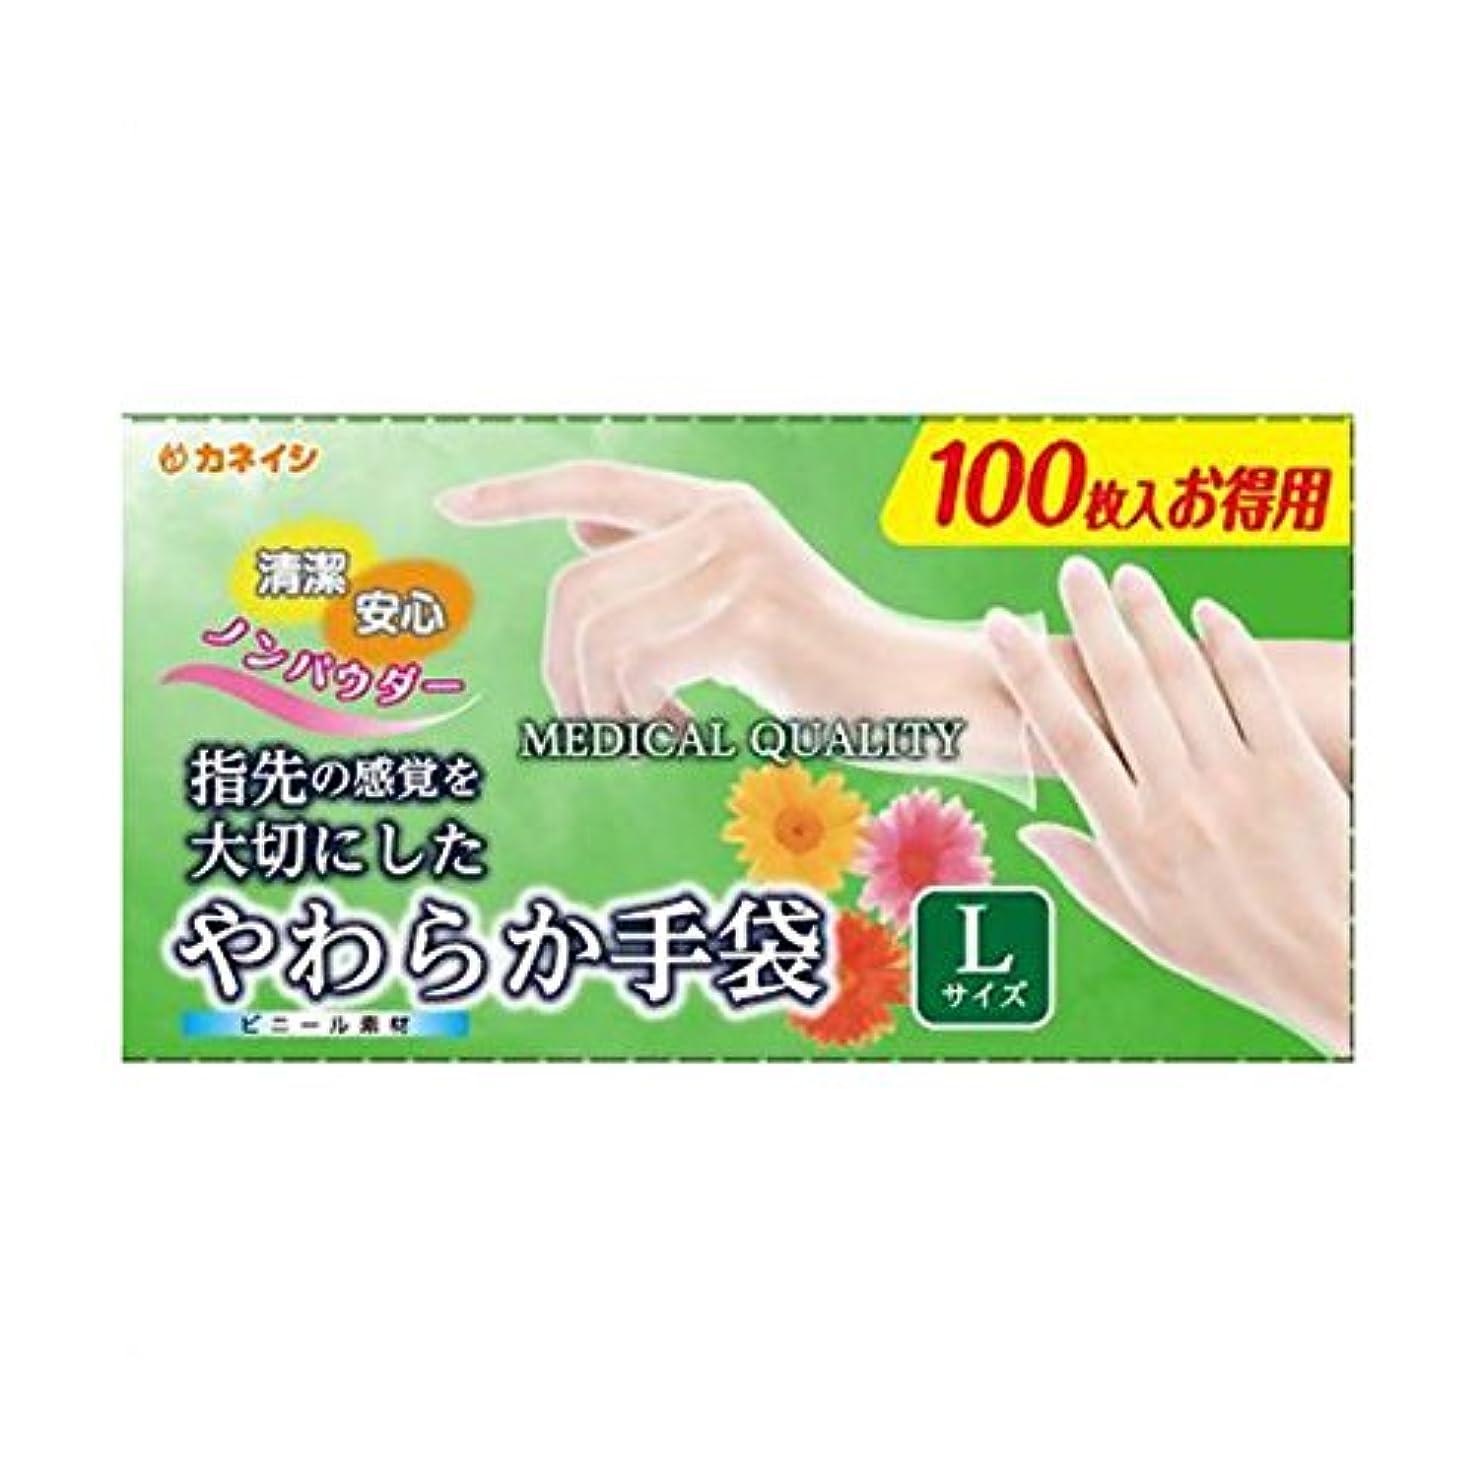 万一に備えて確率なぜならやわらか手袋 ビニール素材 Lサイズ 100枚入x4